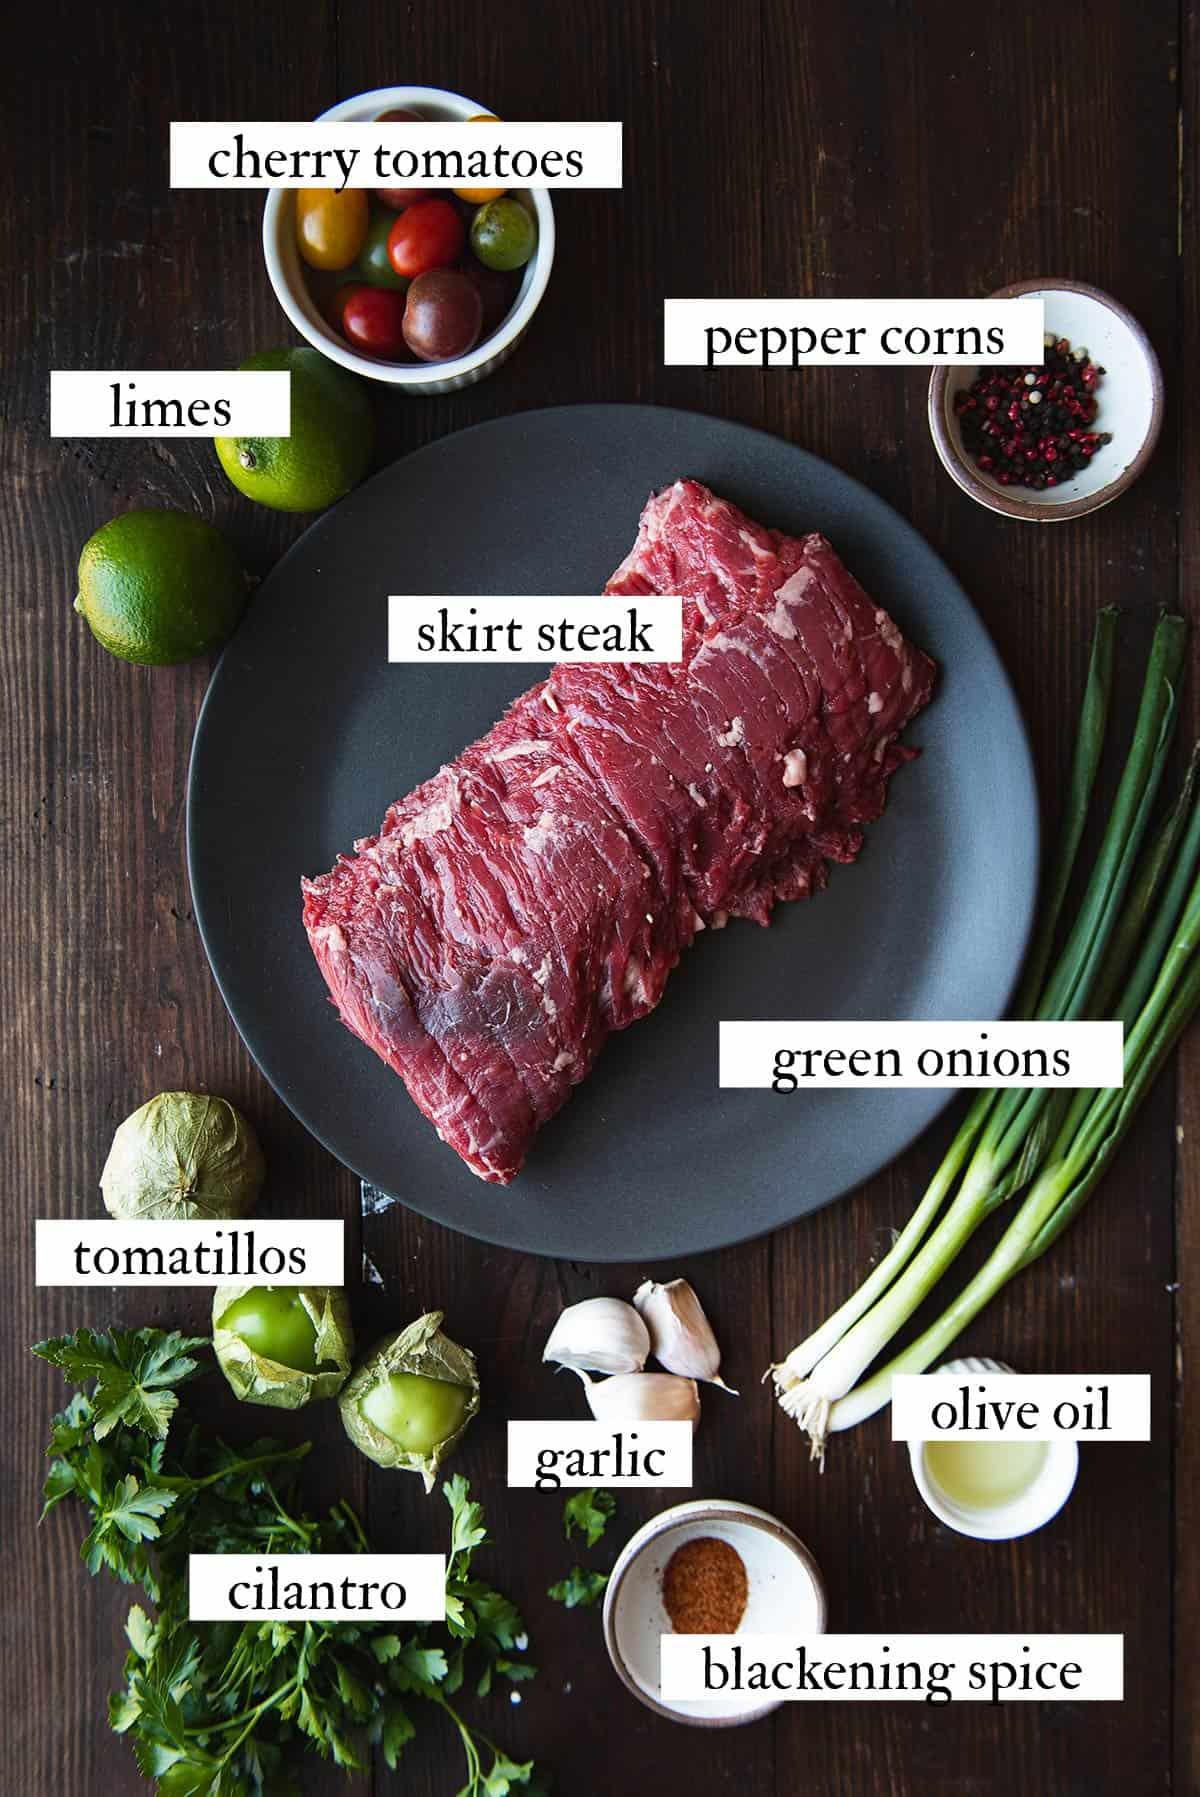 skirt steak ingredients